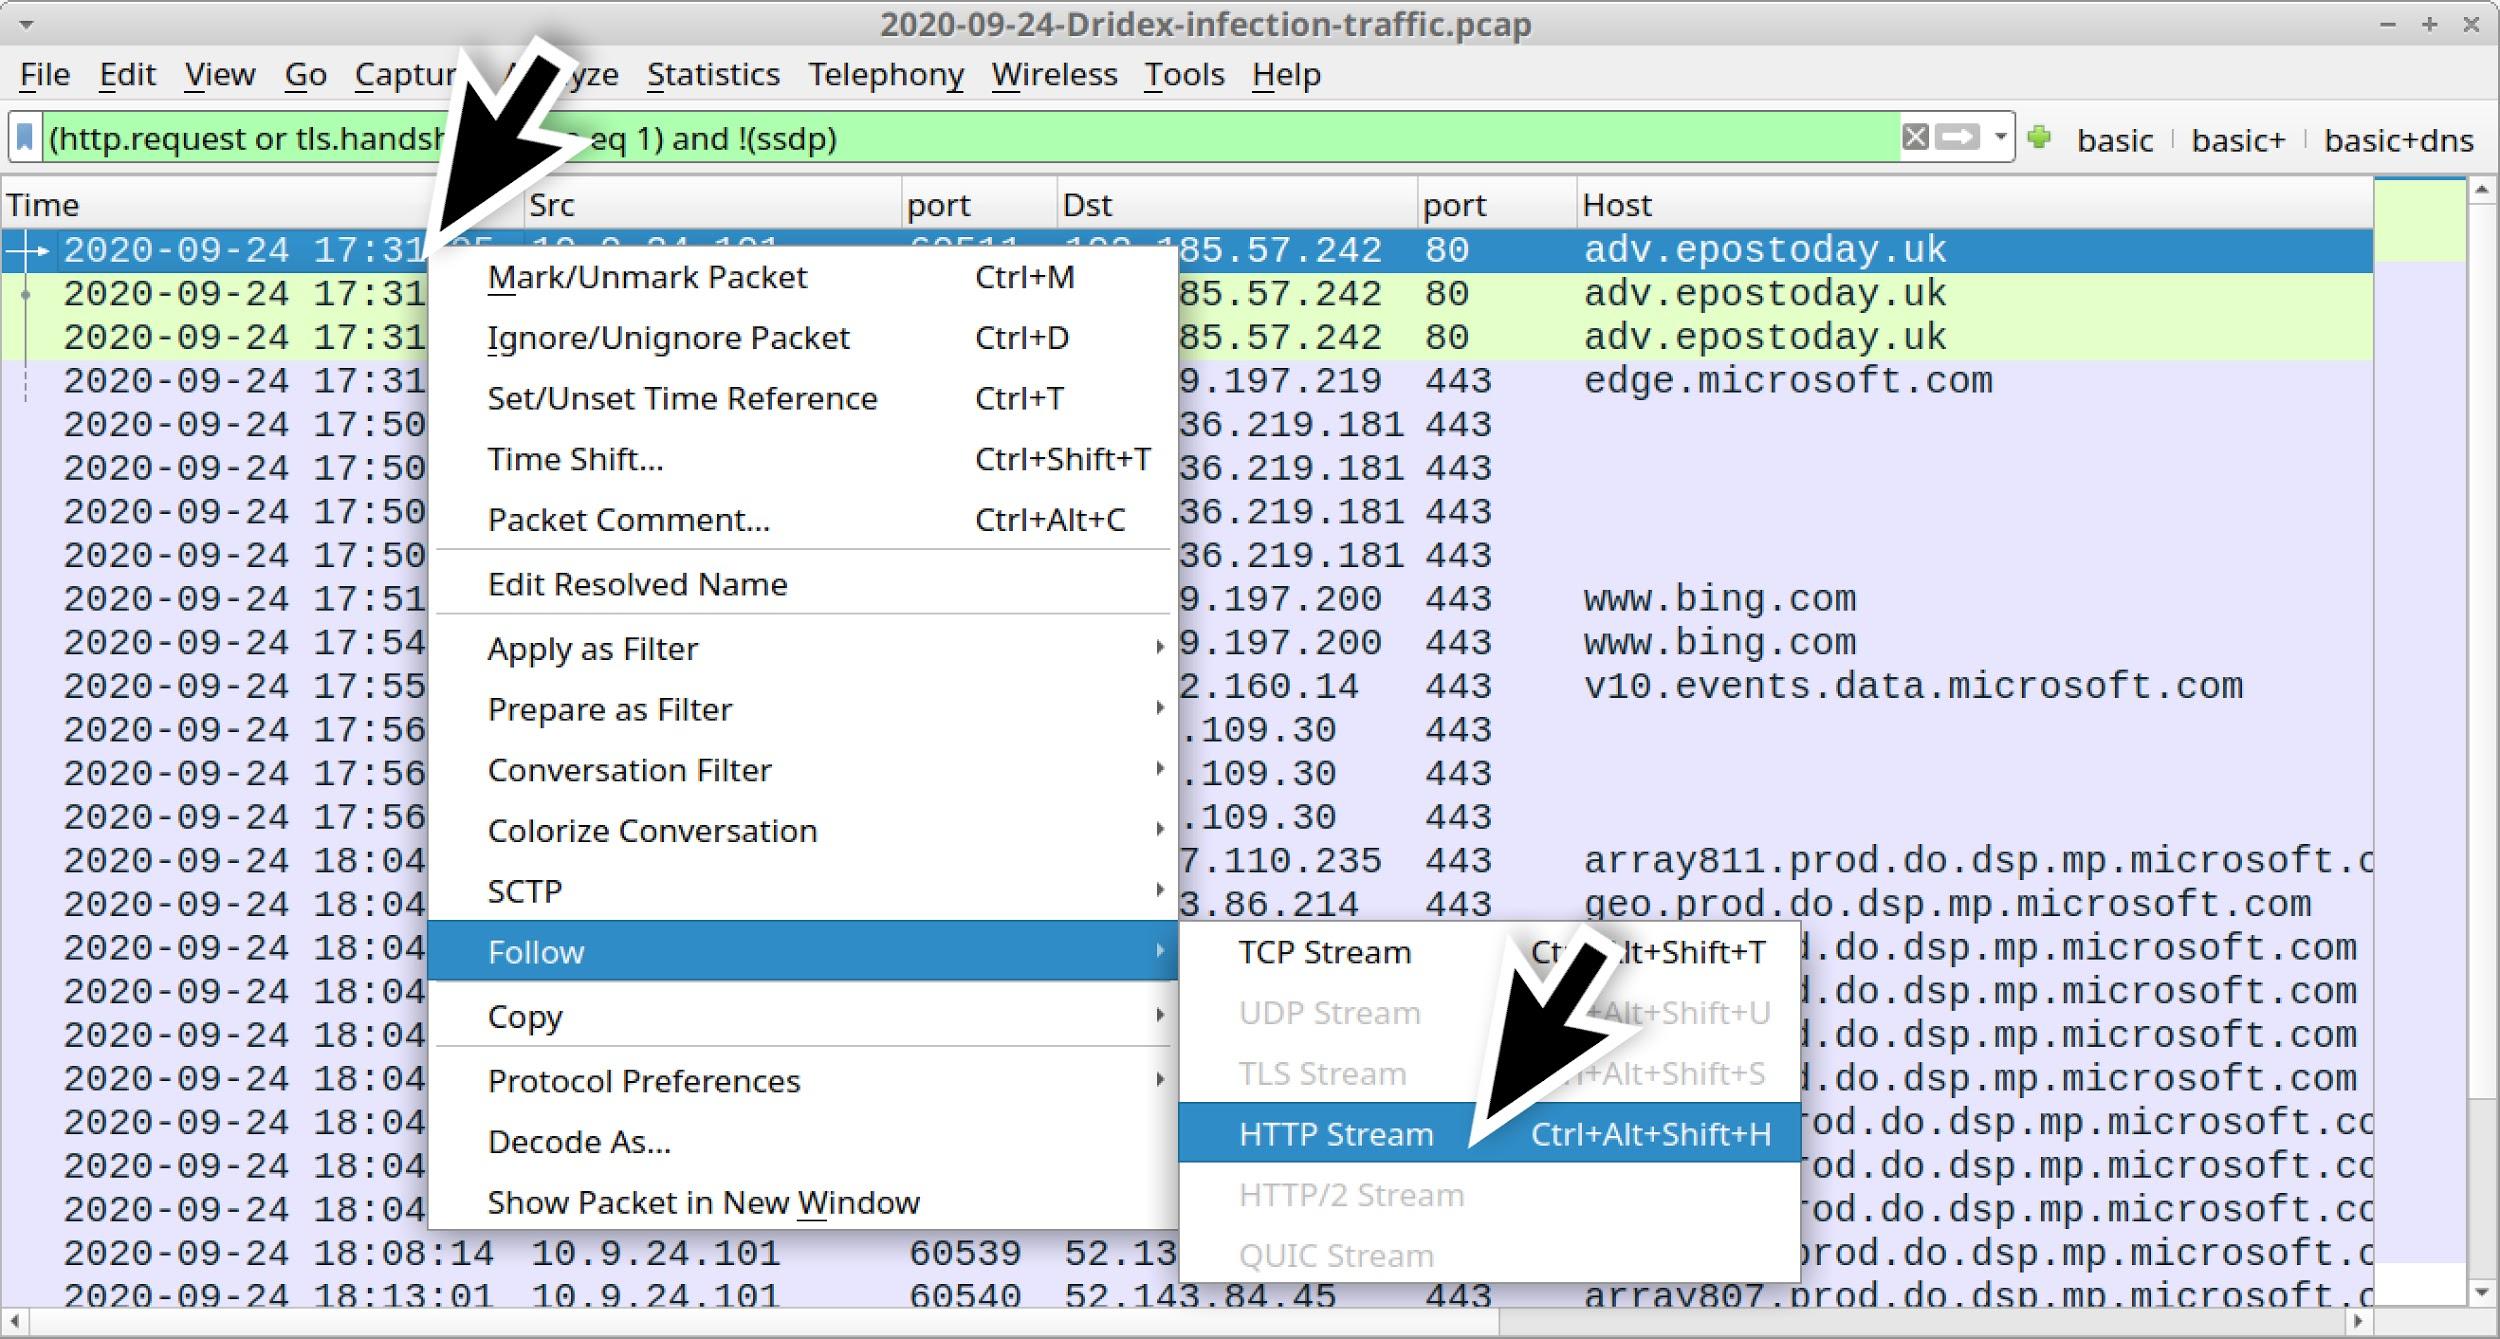 ここではTCPストリームではなくHTTPストリームの追跡をしてみましょう。スクリーンショットは、Wiresharkでそのオプションを見つける方法を示しています。